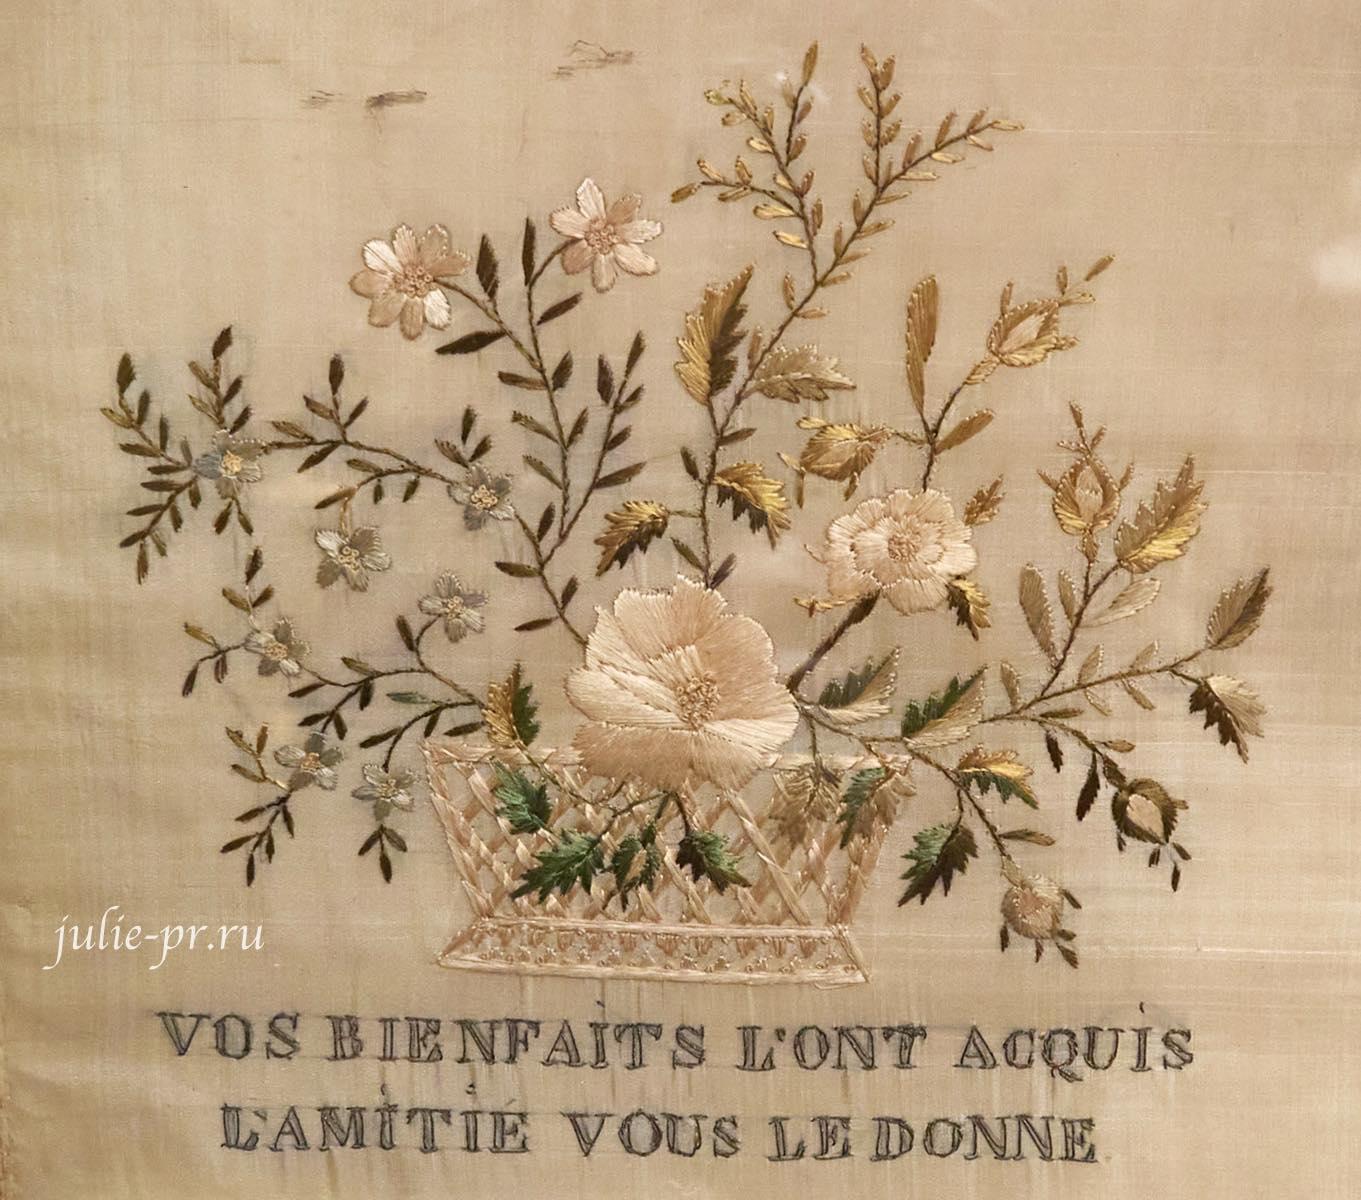 Цветы в вазе, 1785 год, Франция, вышивка шёлком по шёлку, выставка Старинные вышивки